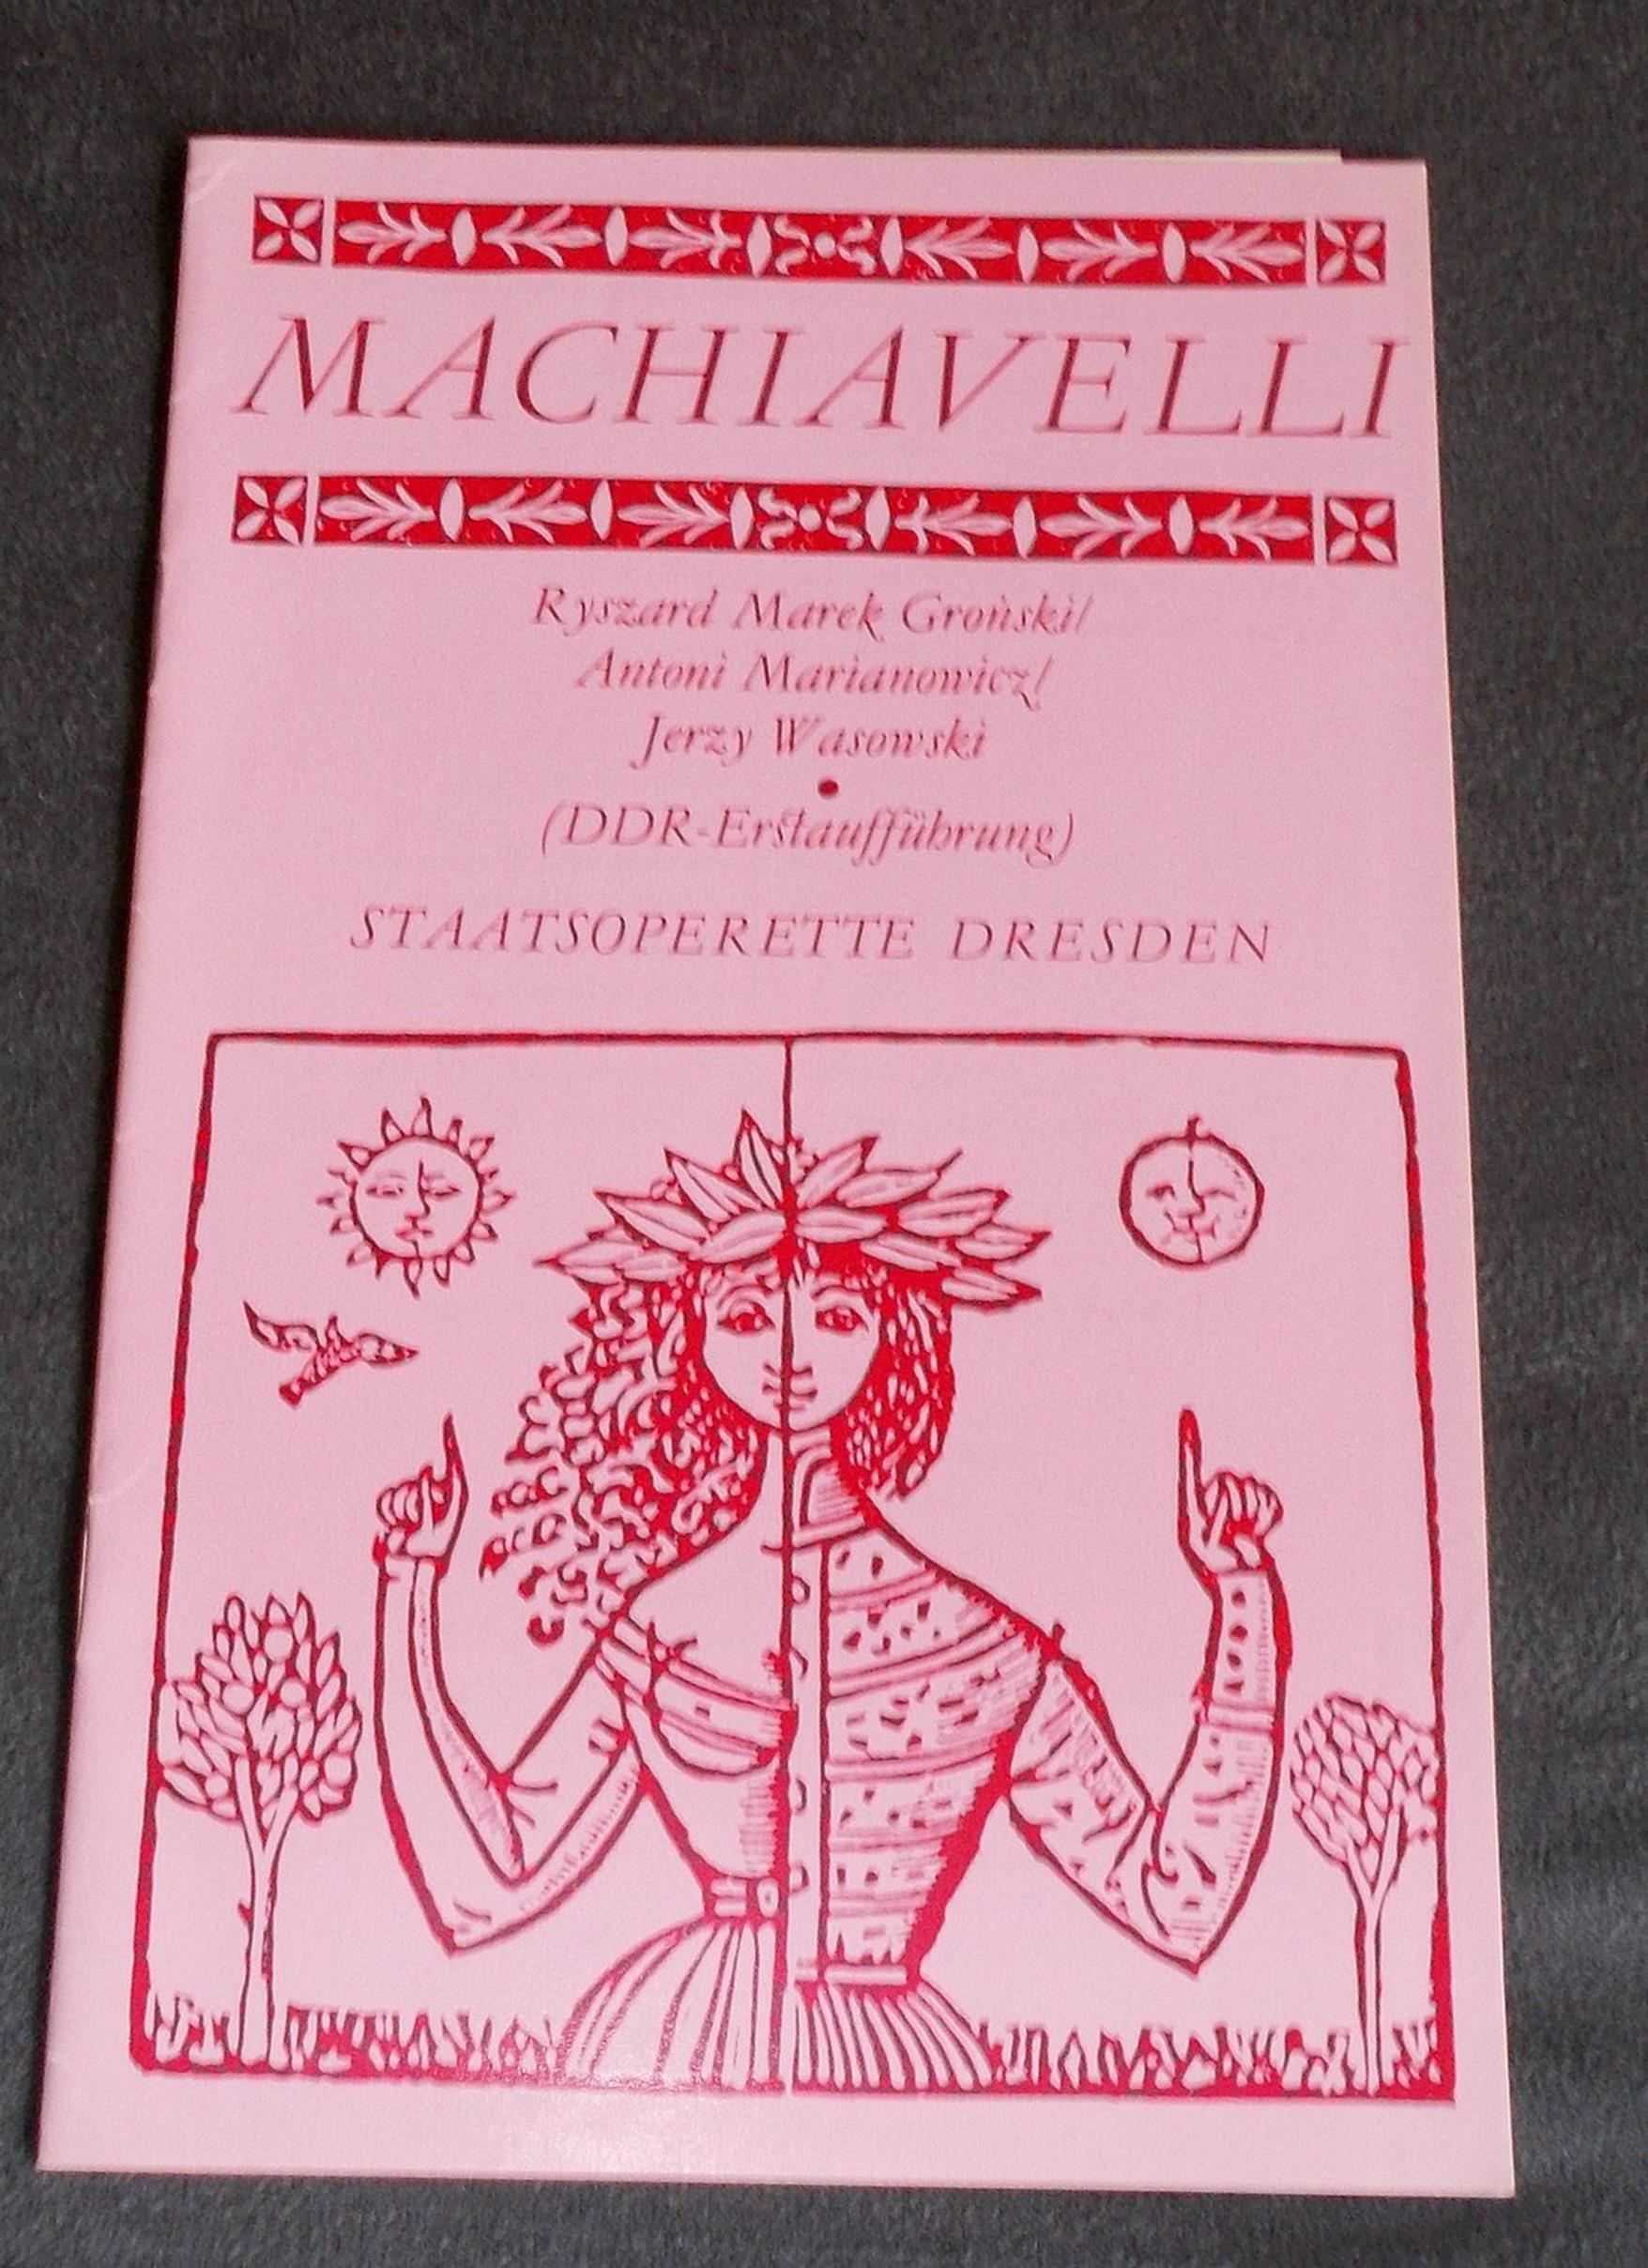 Programmheft DDR-Erstaufführung MACHIAVELLI  Staatsoperette Dresden 1978